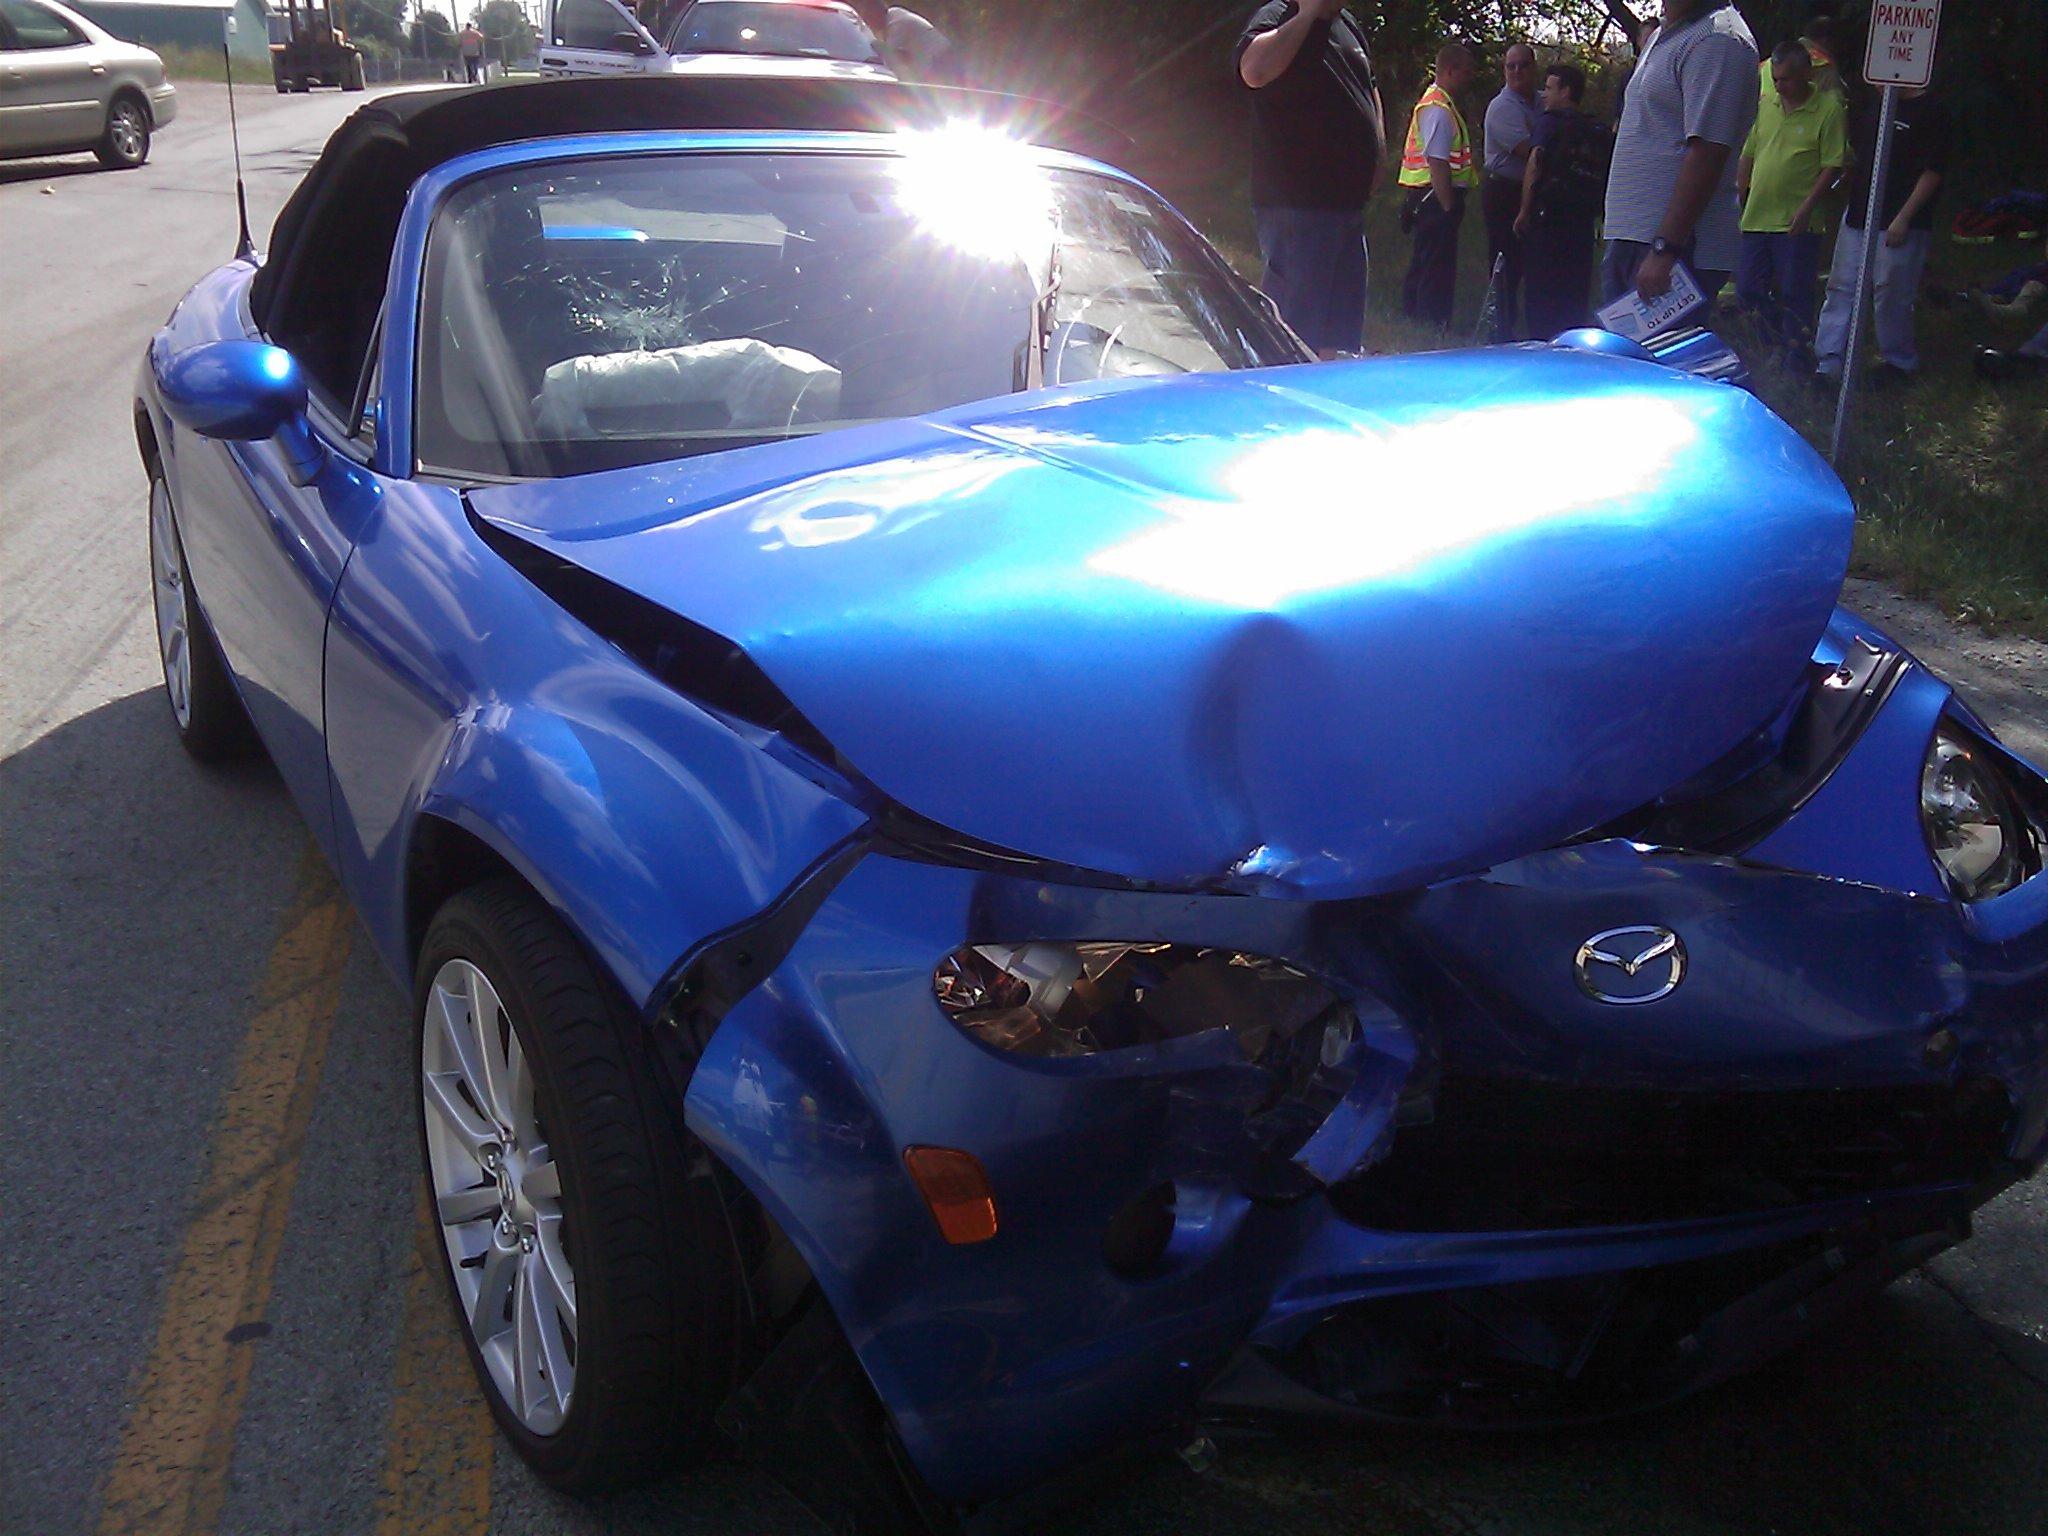 Auto po wypadku - bez ubezpieczenia